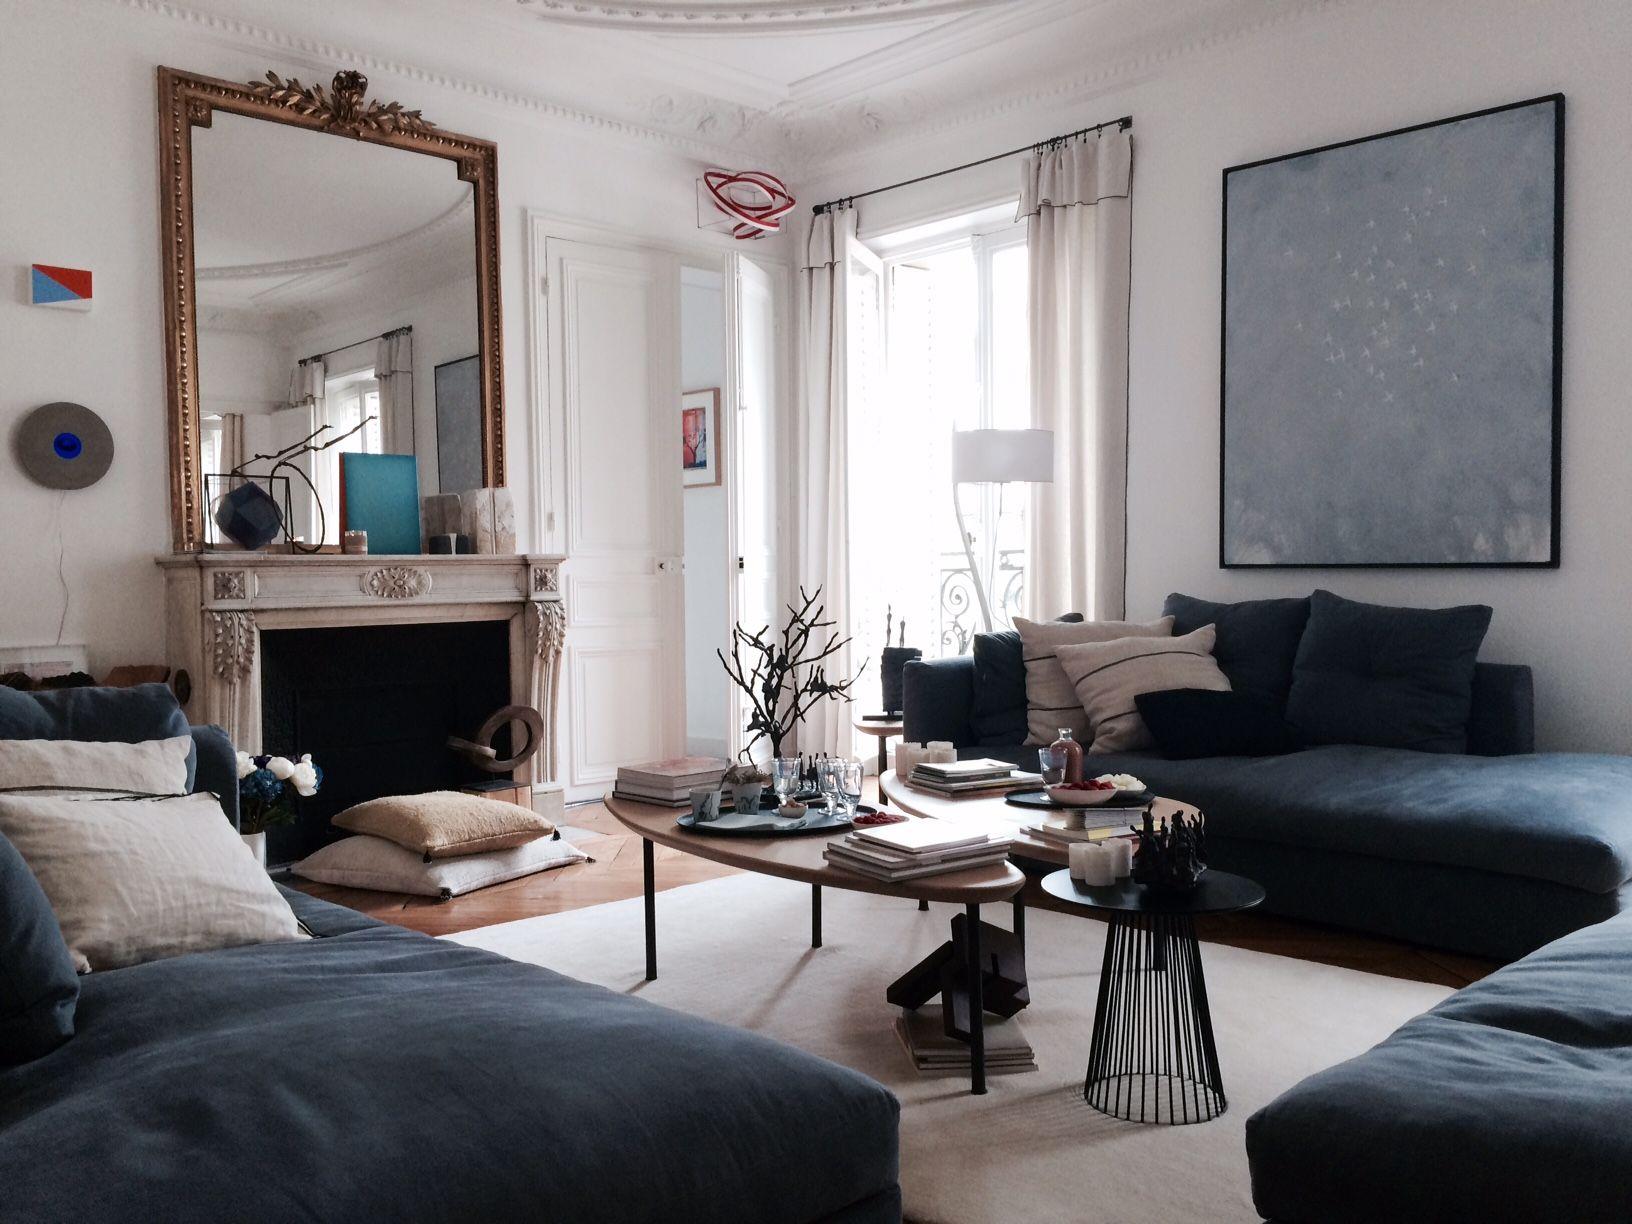 Visite Privée chez Amélie et son Art Room, Zeuxis  Déco salon